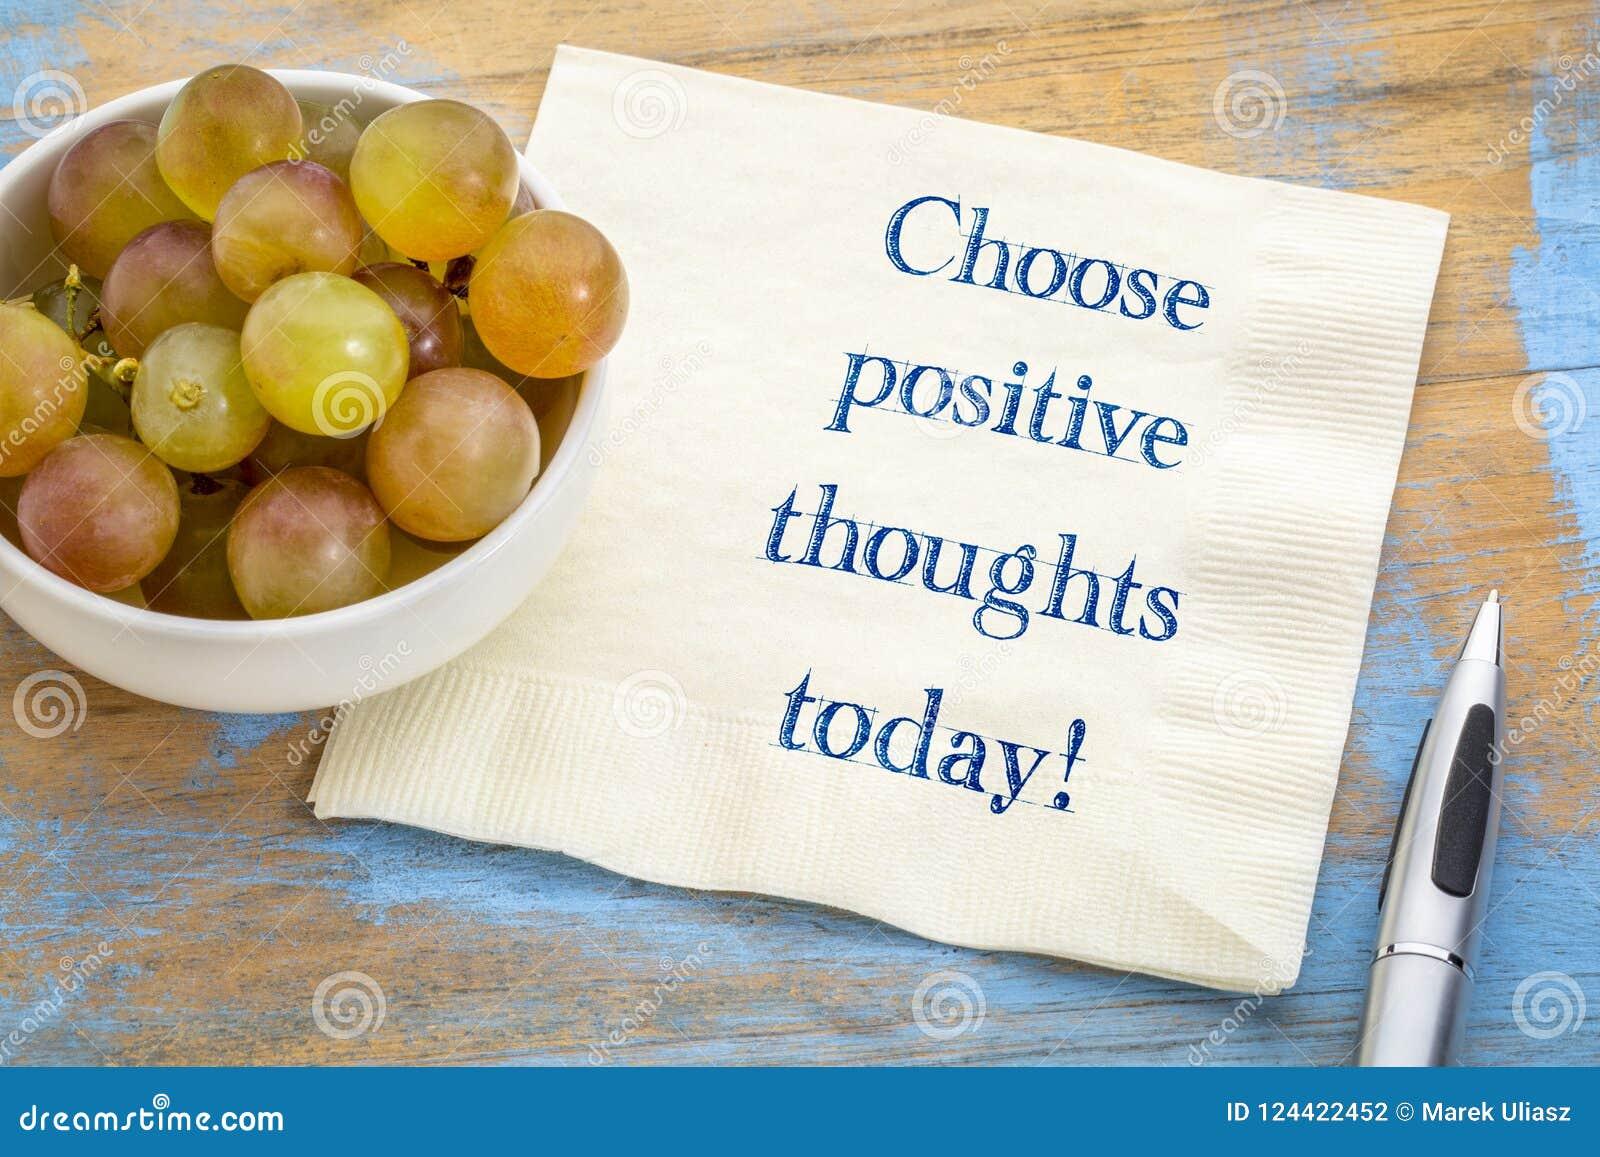 Wybiera pozytywne myśli dzisiaj!